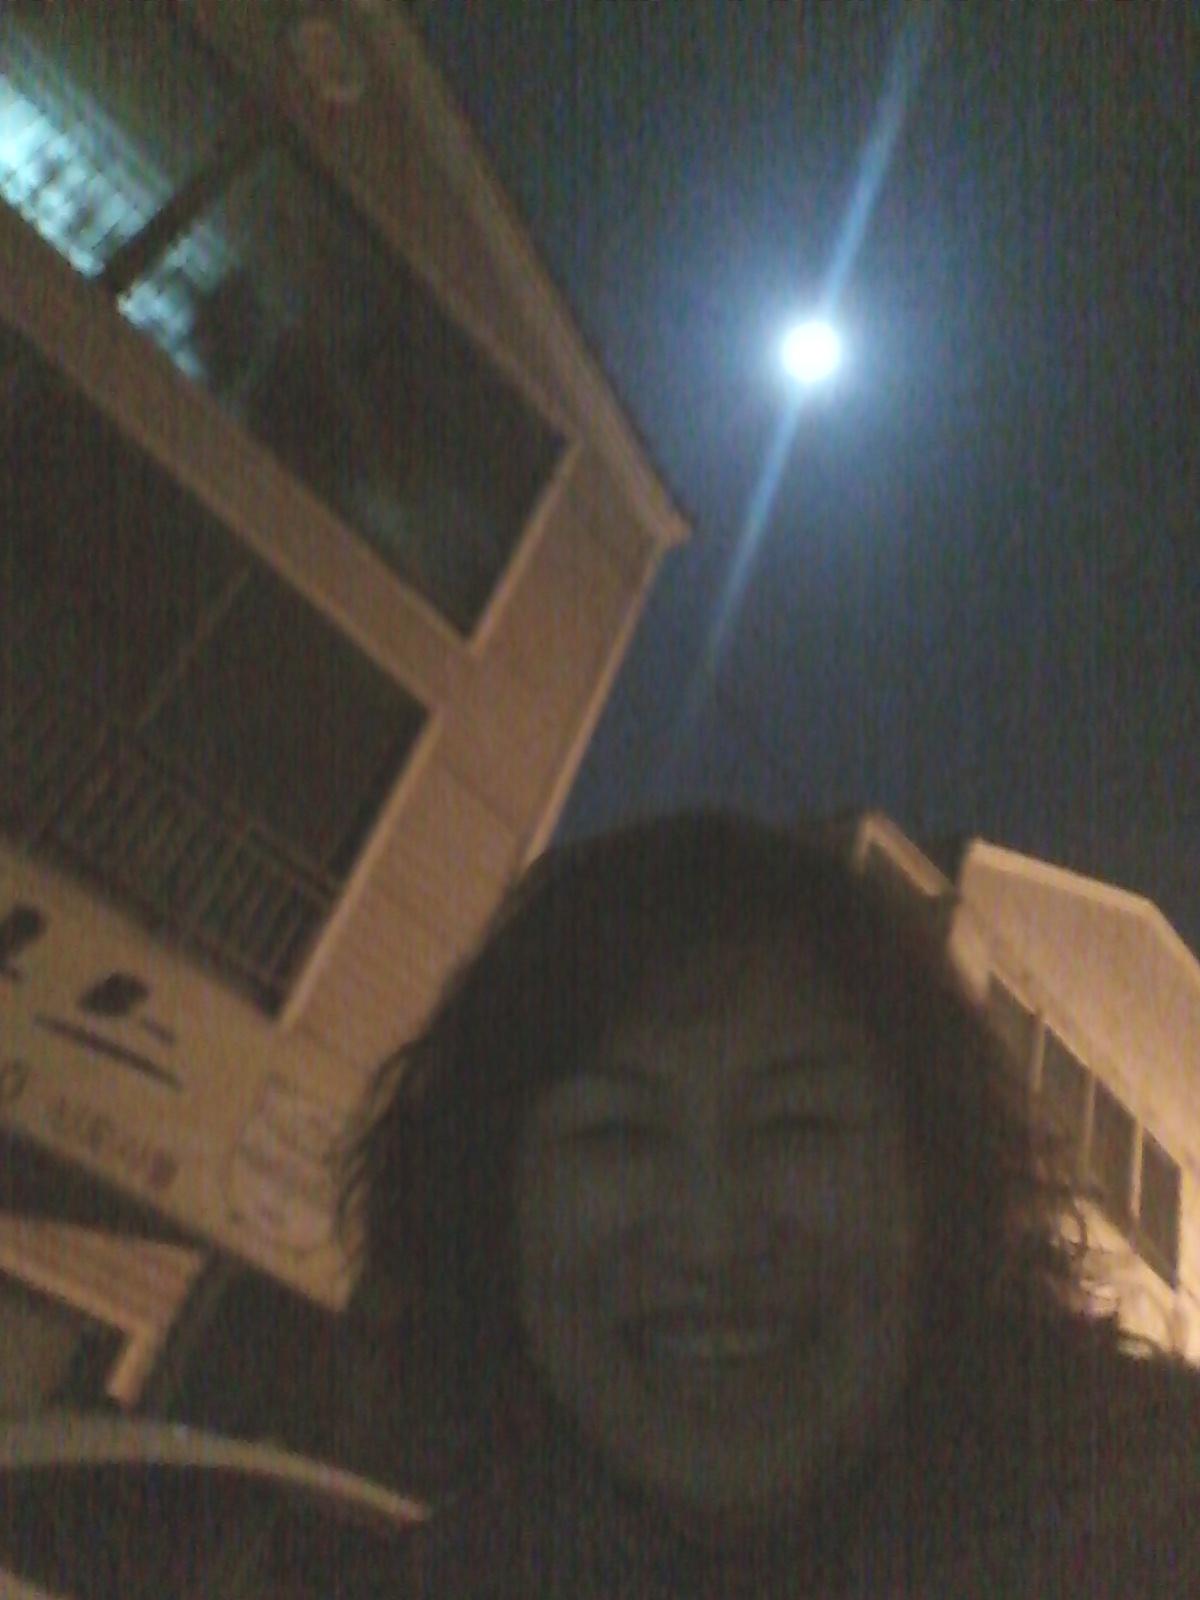 대보름 휘엉청 밝은달 넘좋당♥